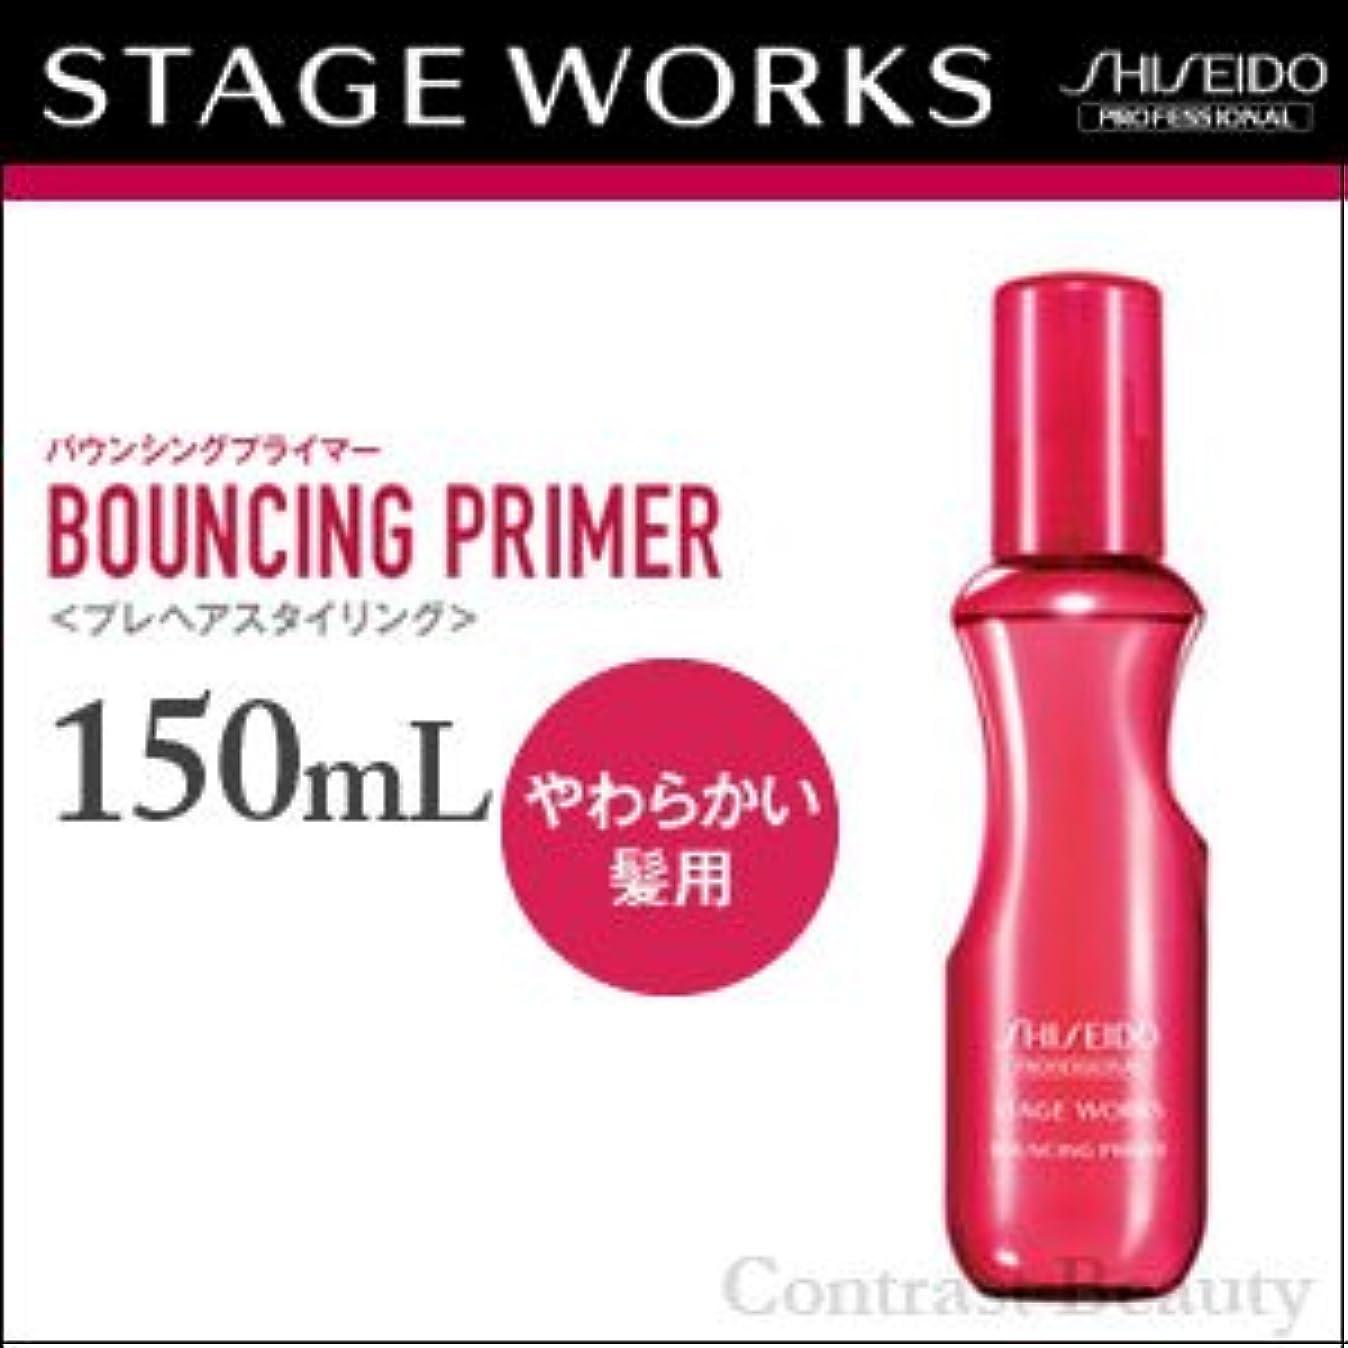 忠誠ピンチ件名【x2個セット】 資生堂 ステージワークス バウンシングプライマー 150ml